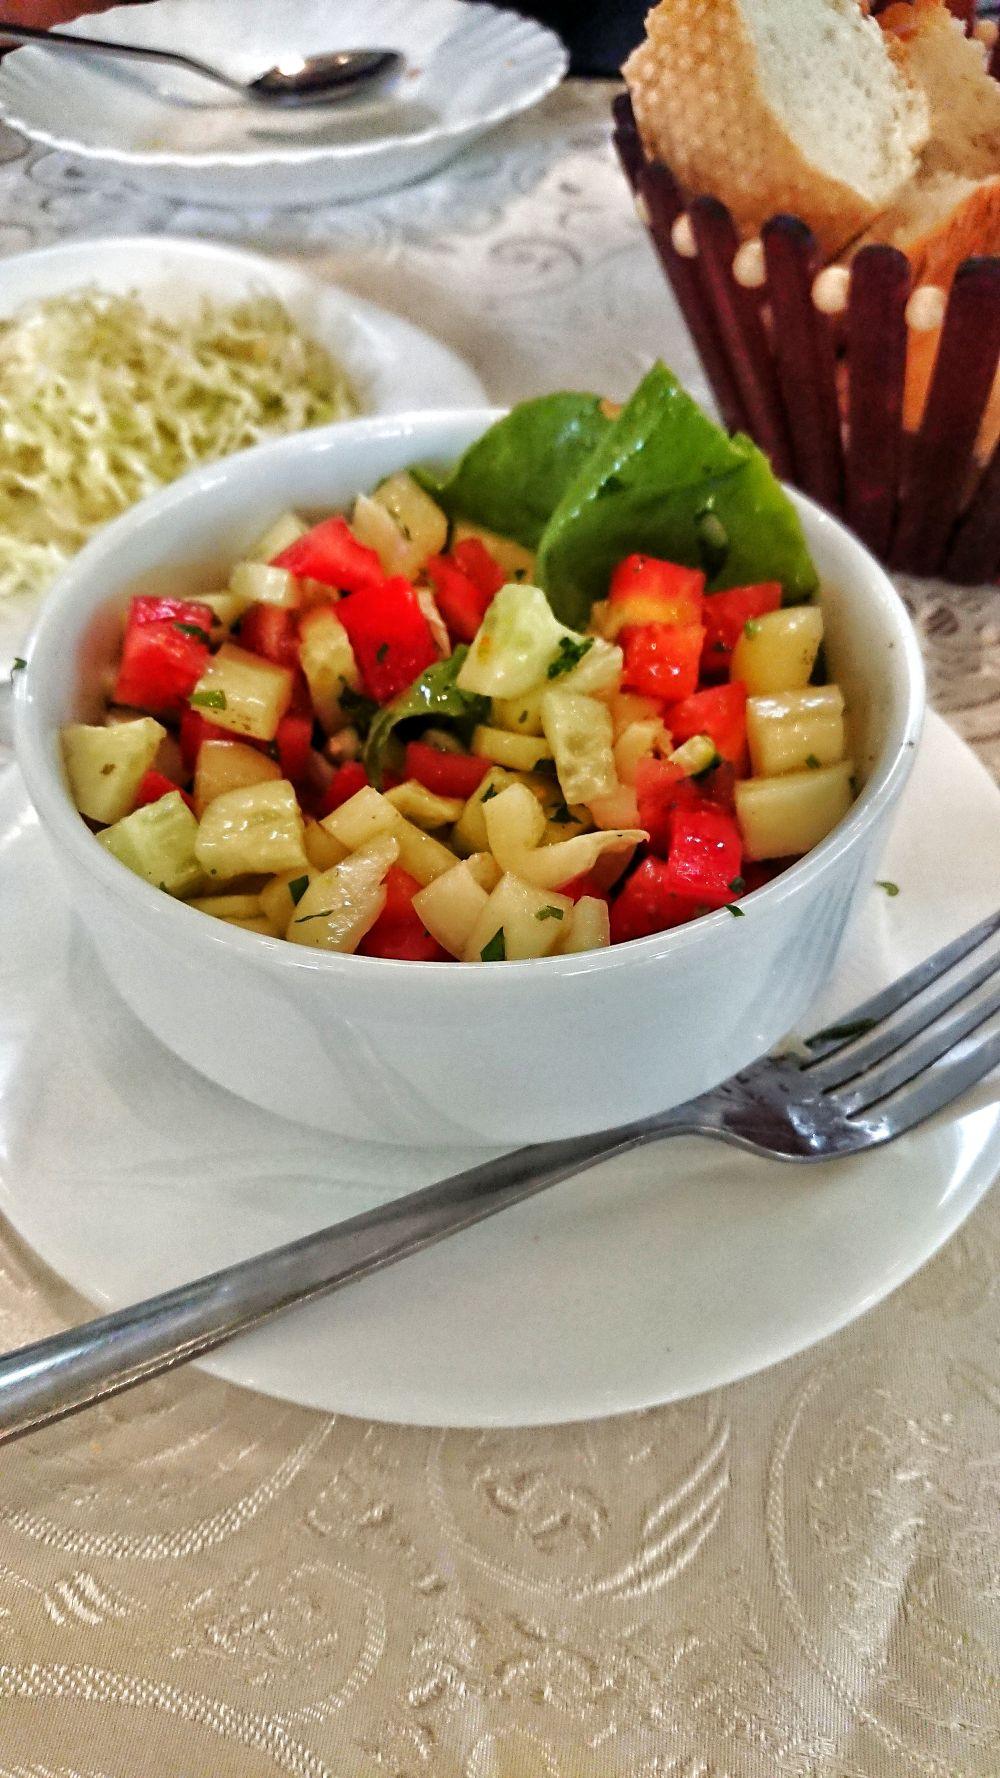 Srpska salata to proste danie, ale to jakość składników powoduje nieprzeciętny smak.